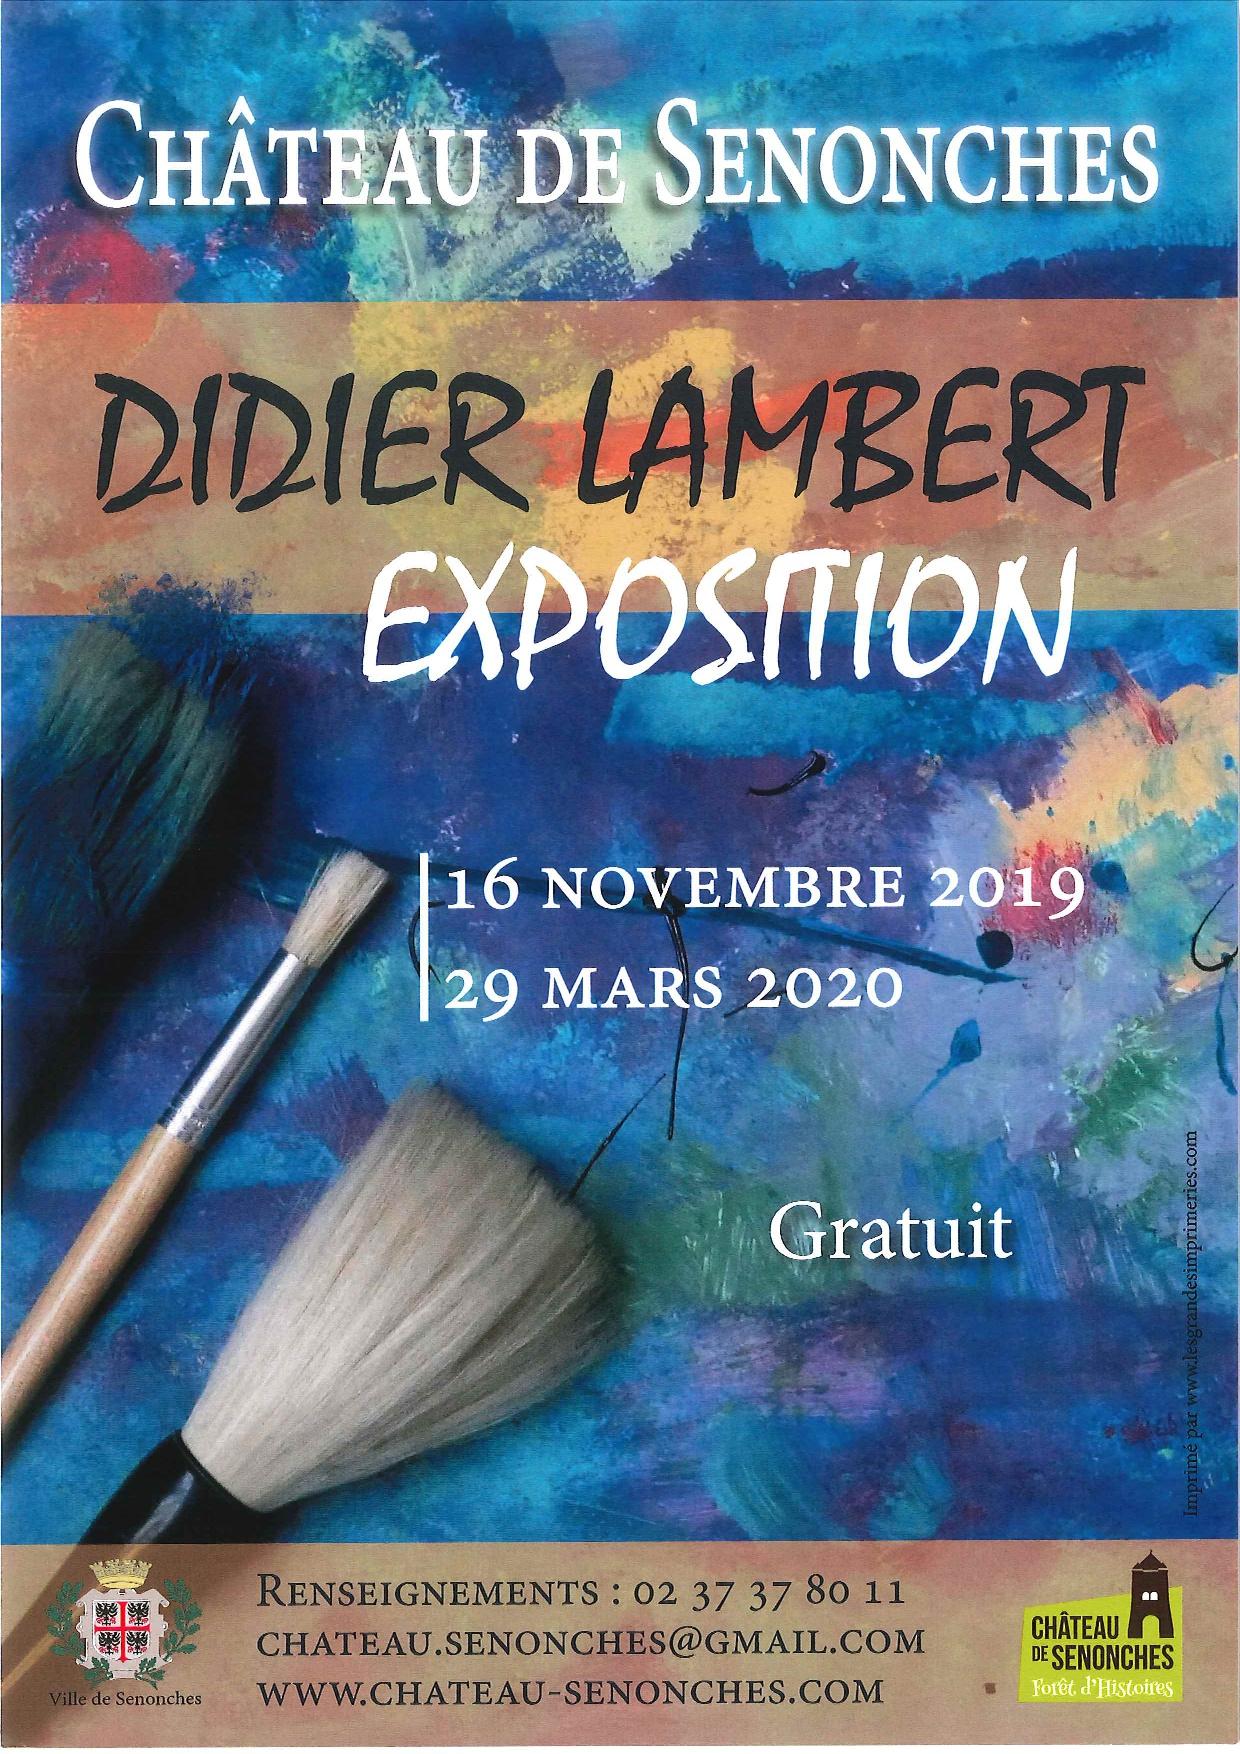 Didier Lambert – Exposition de peinture à SENONCHES © chateau de senonches